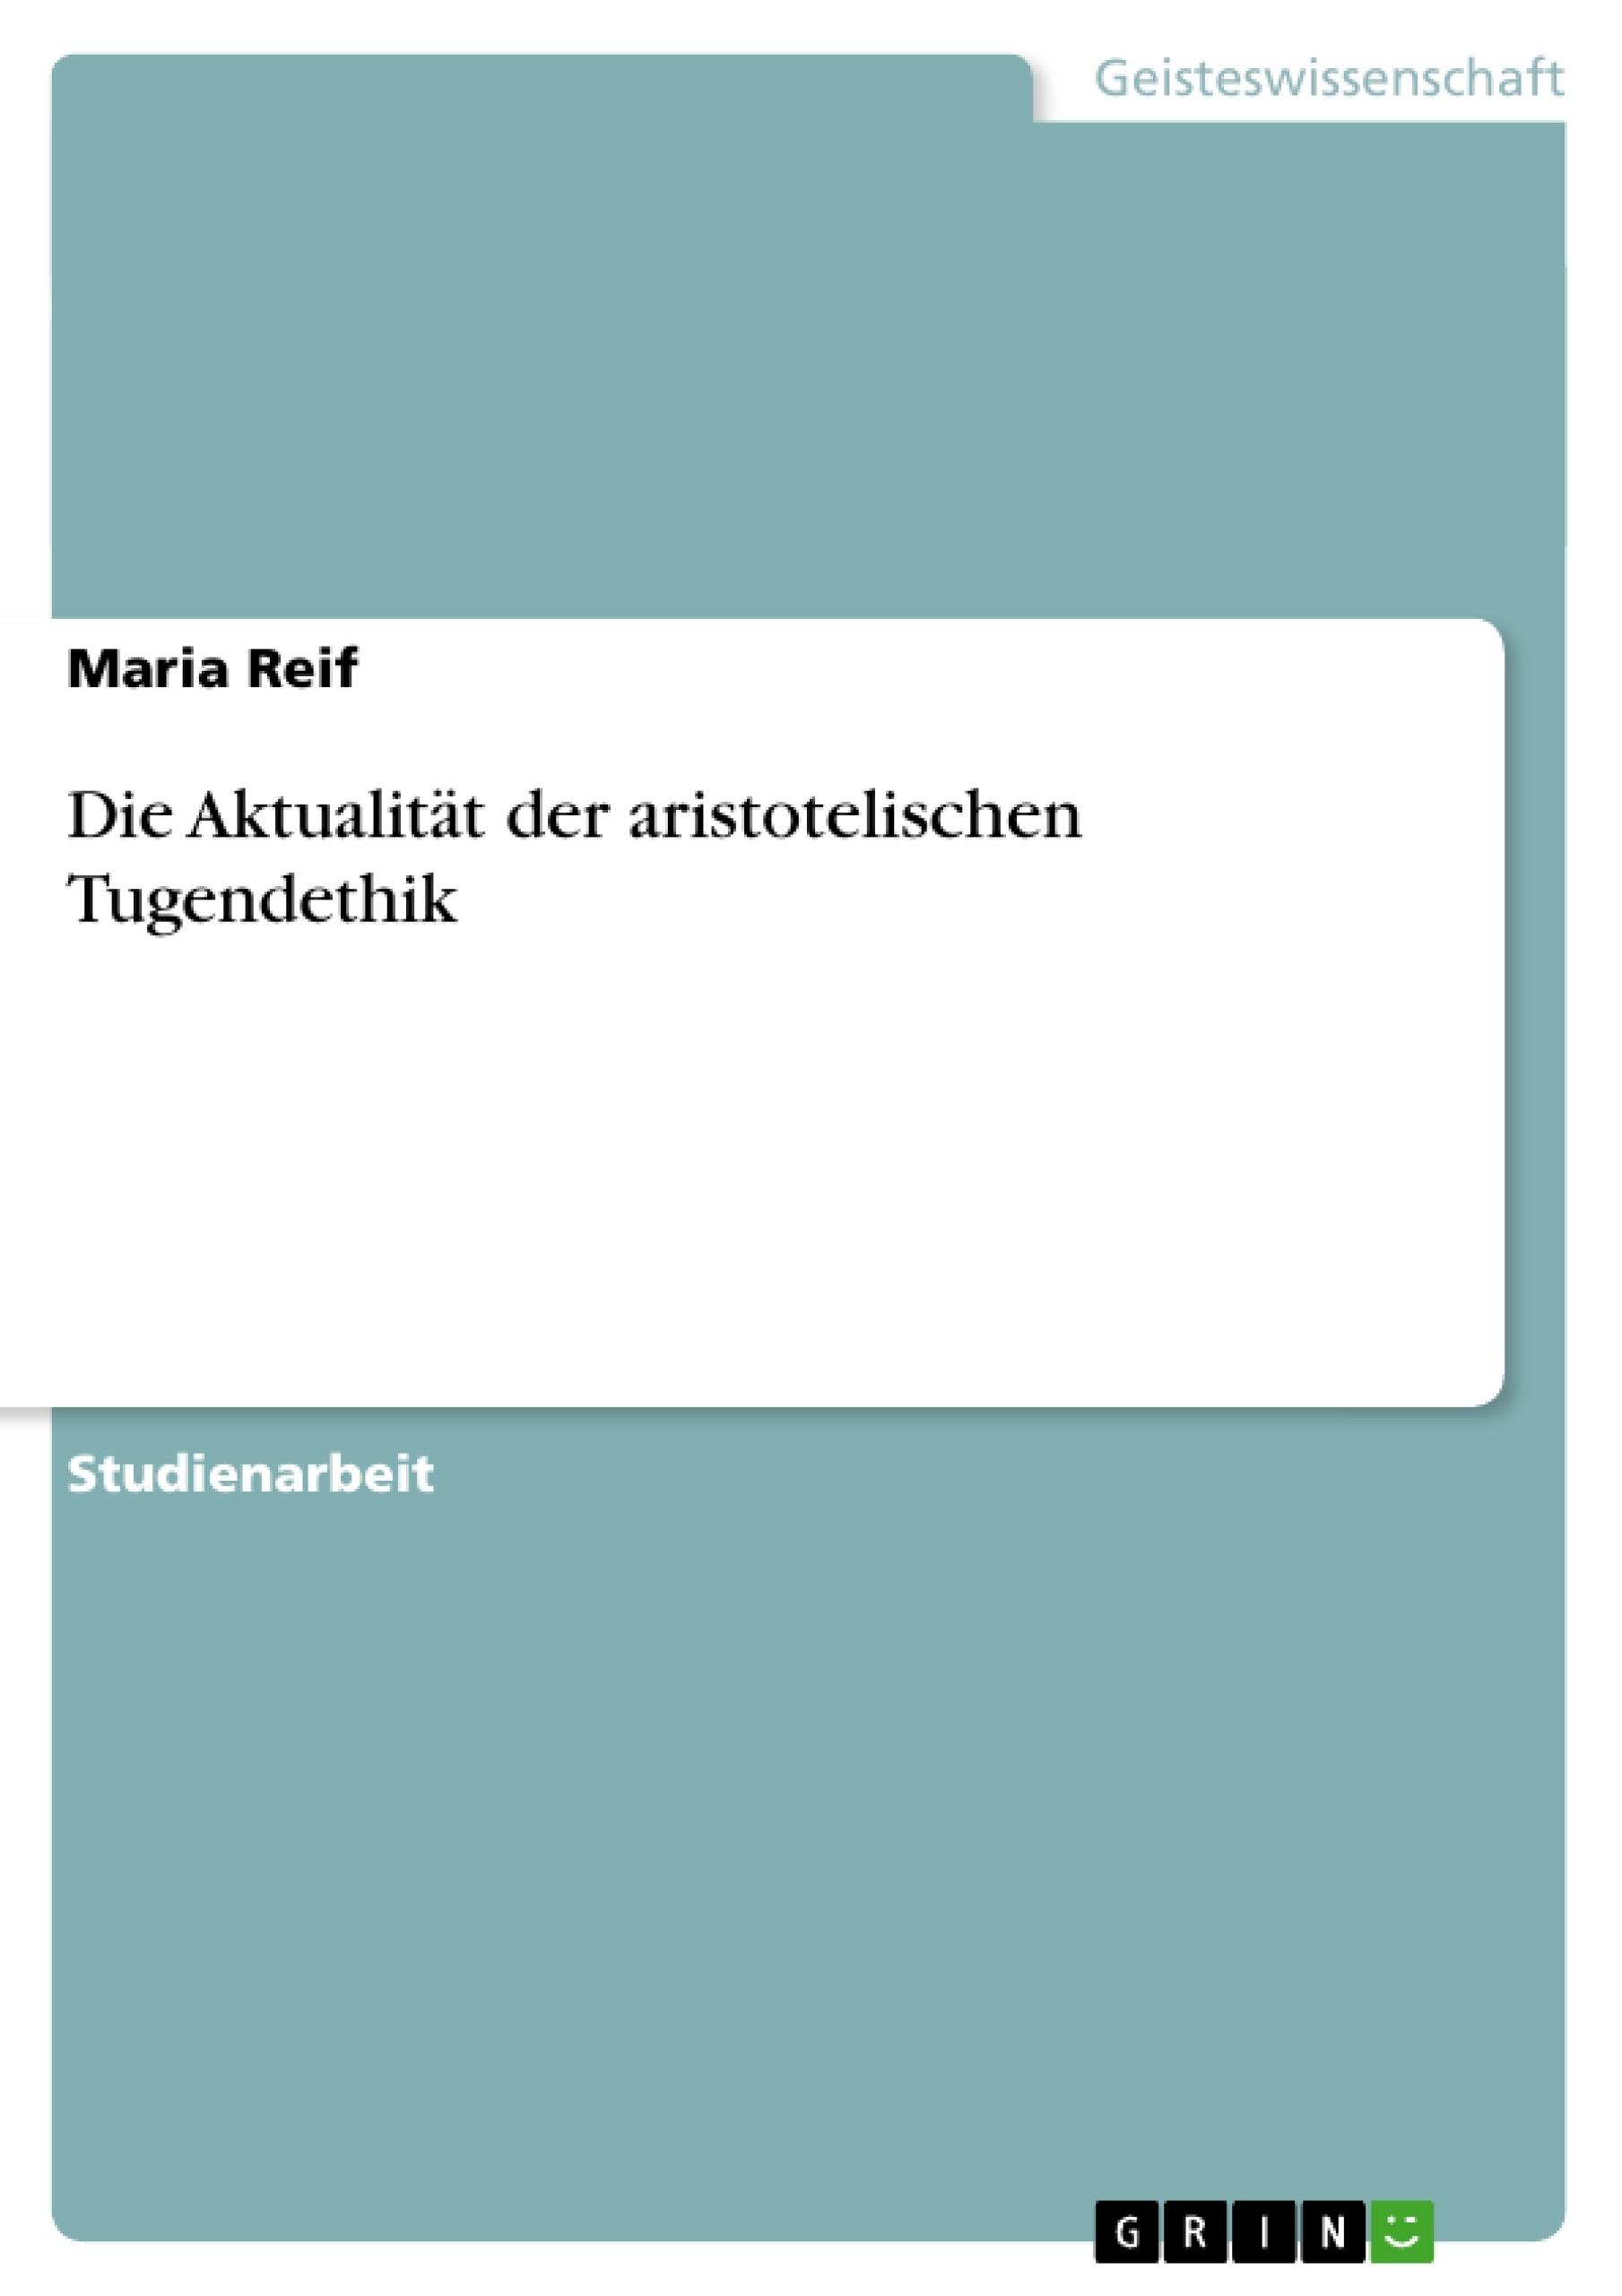 Titel: Die Aktualität der aristotelischen Tugendethik